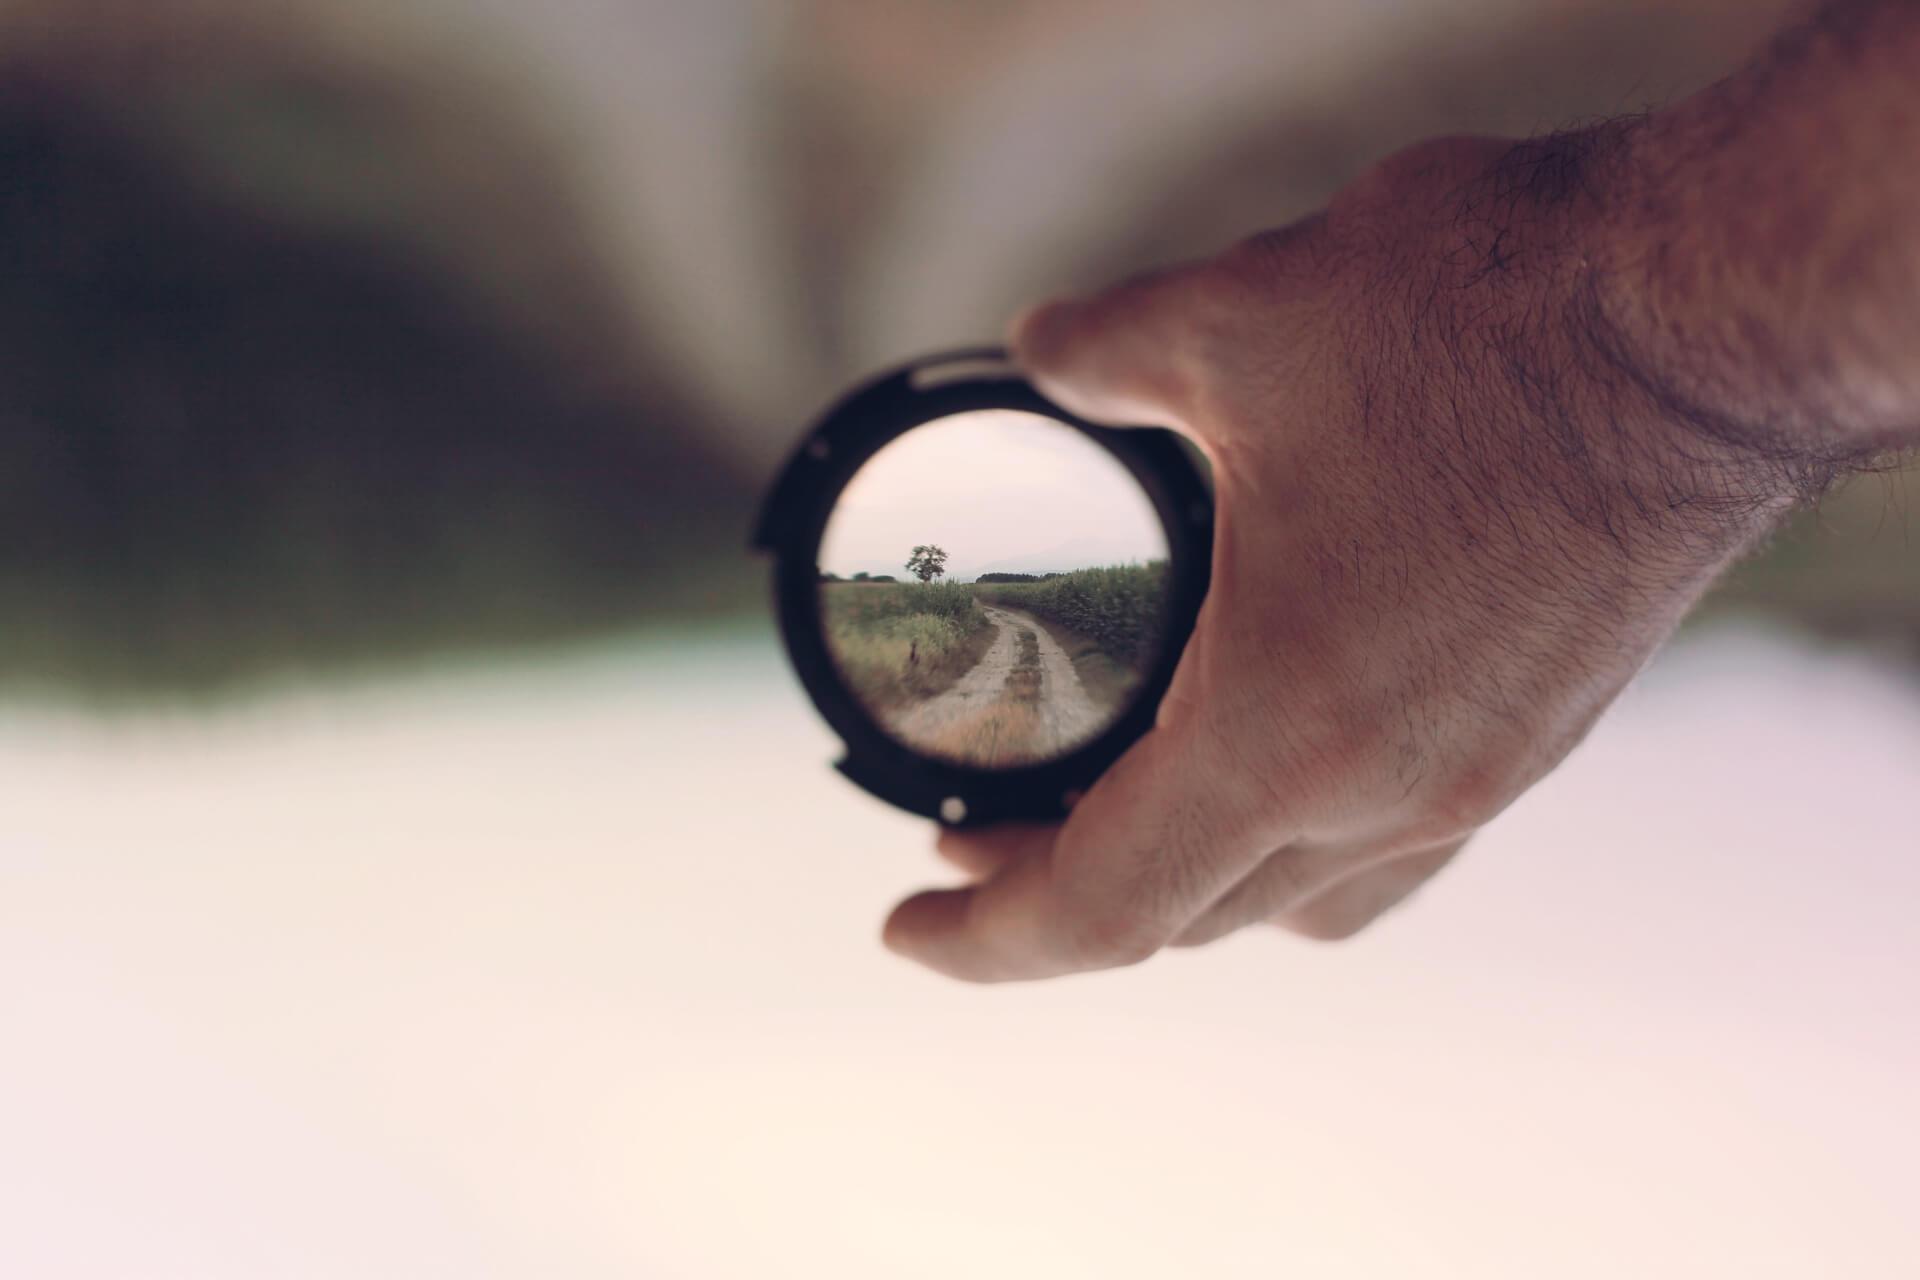 Perspektive: Wer erzählt